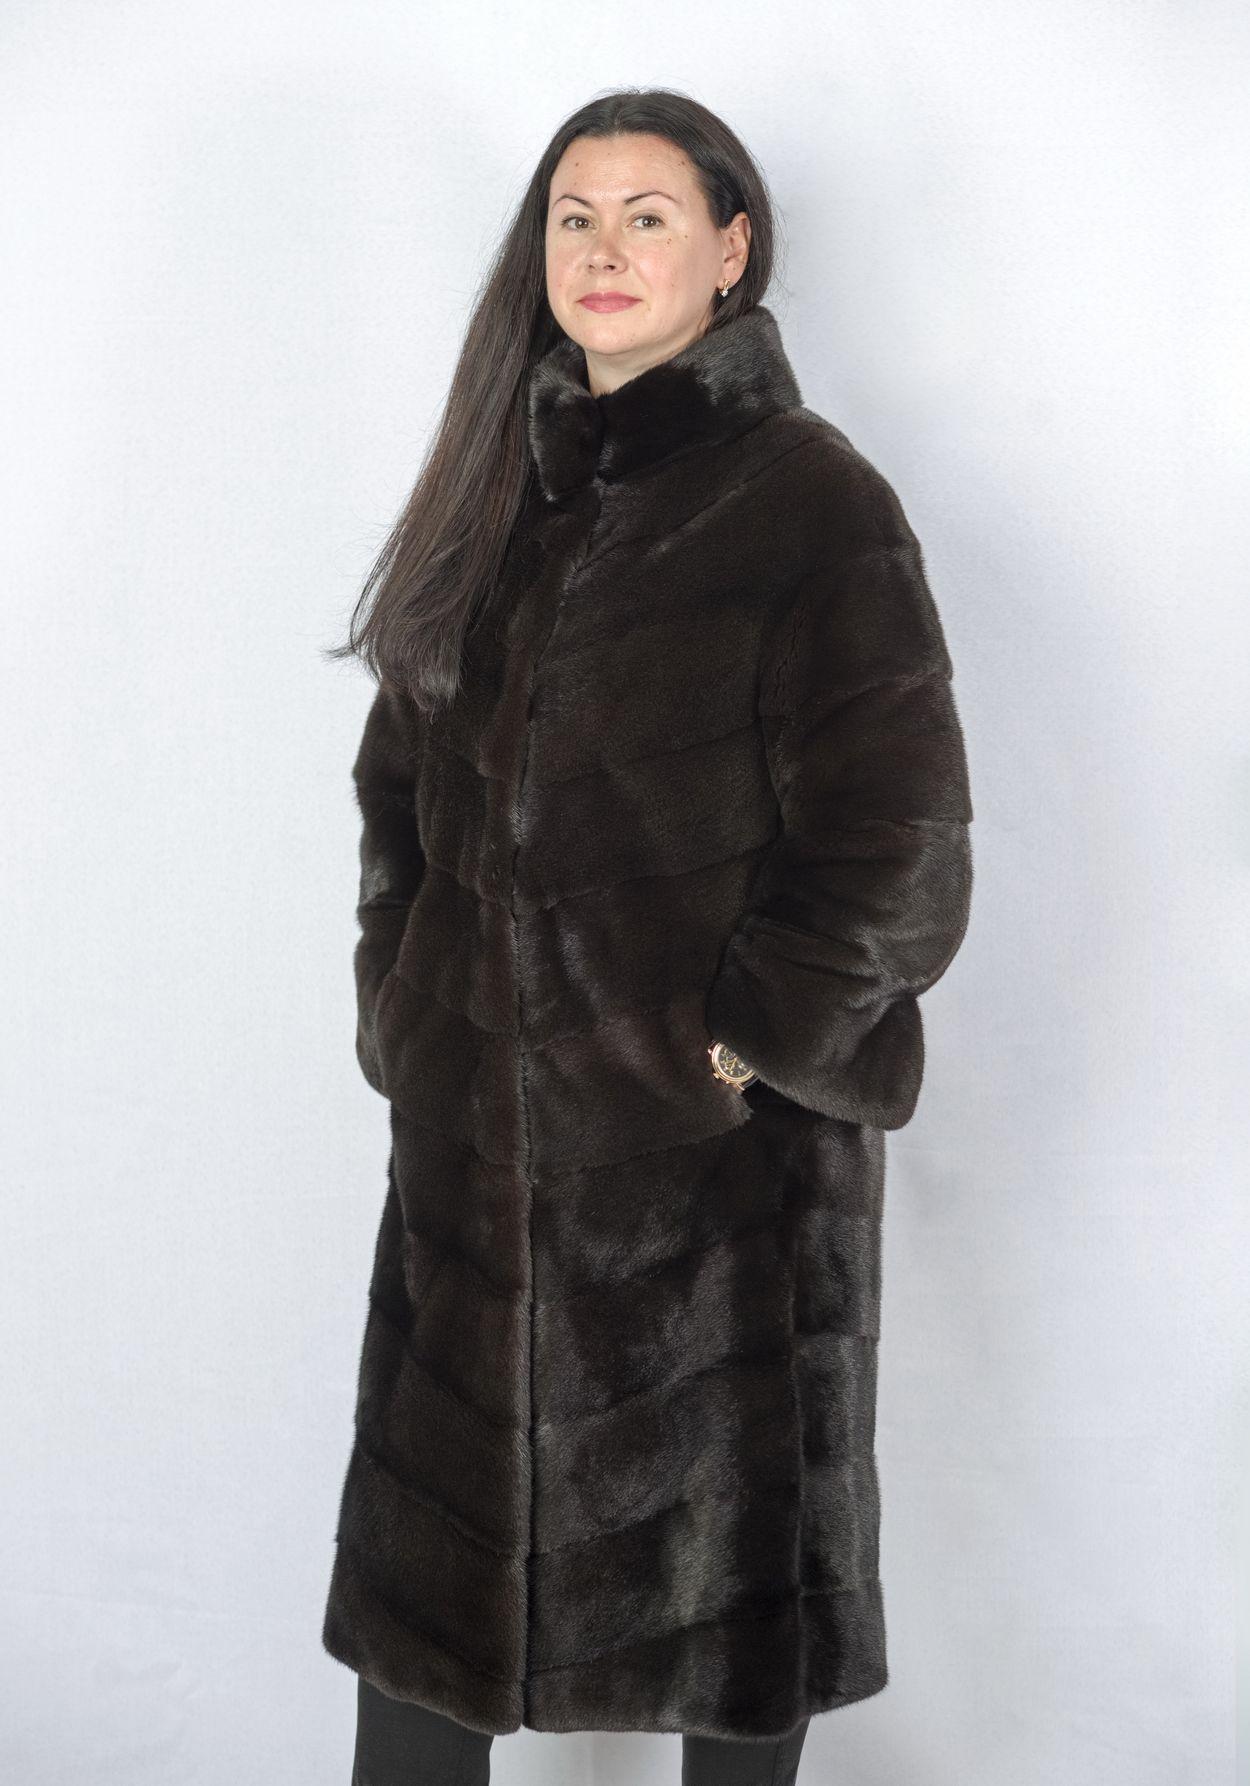 Шуба женская норковая 9854 фото №1